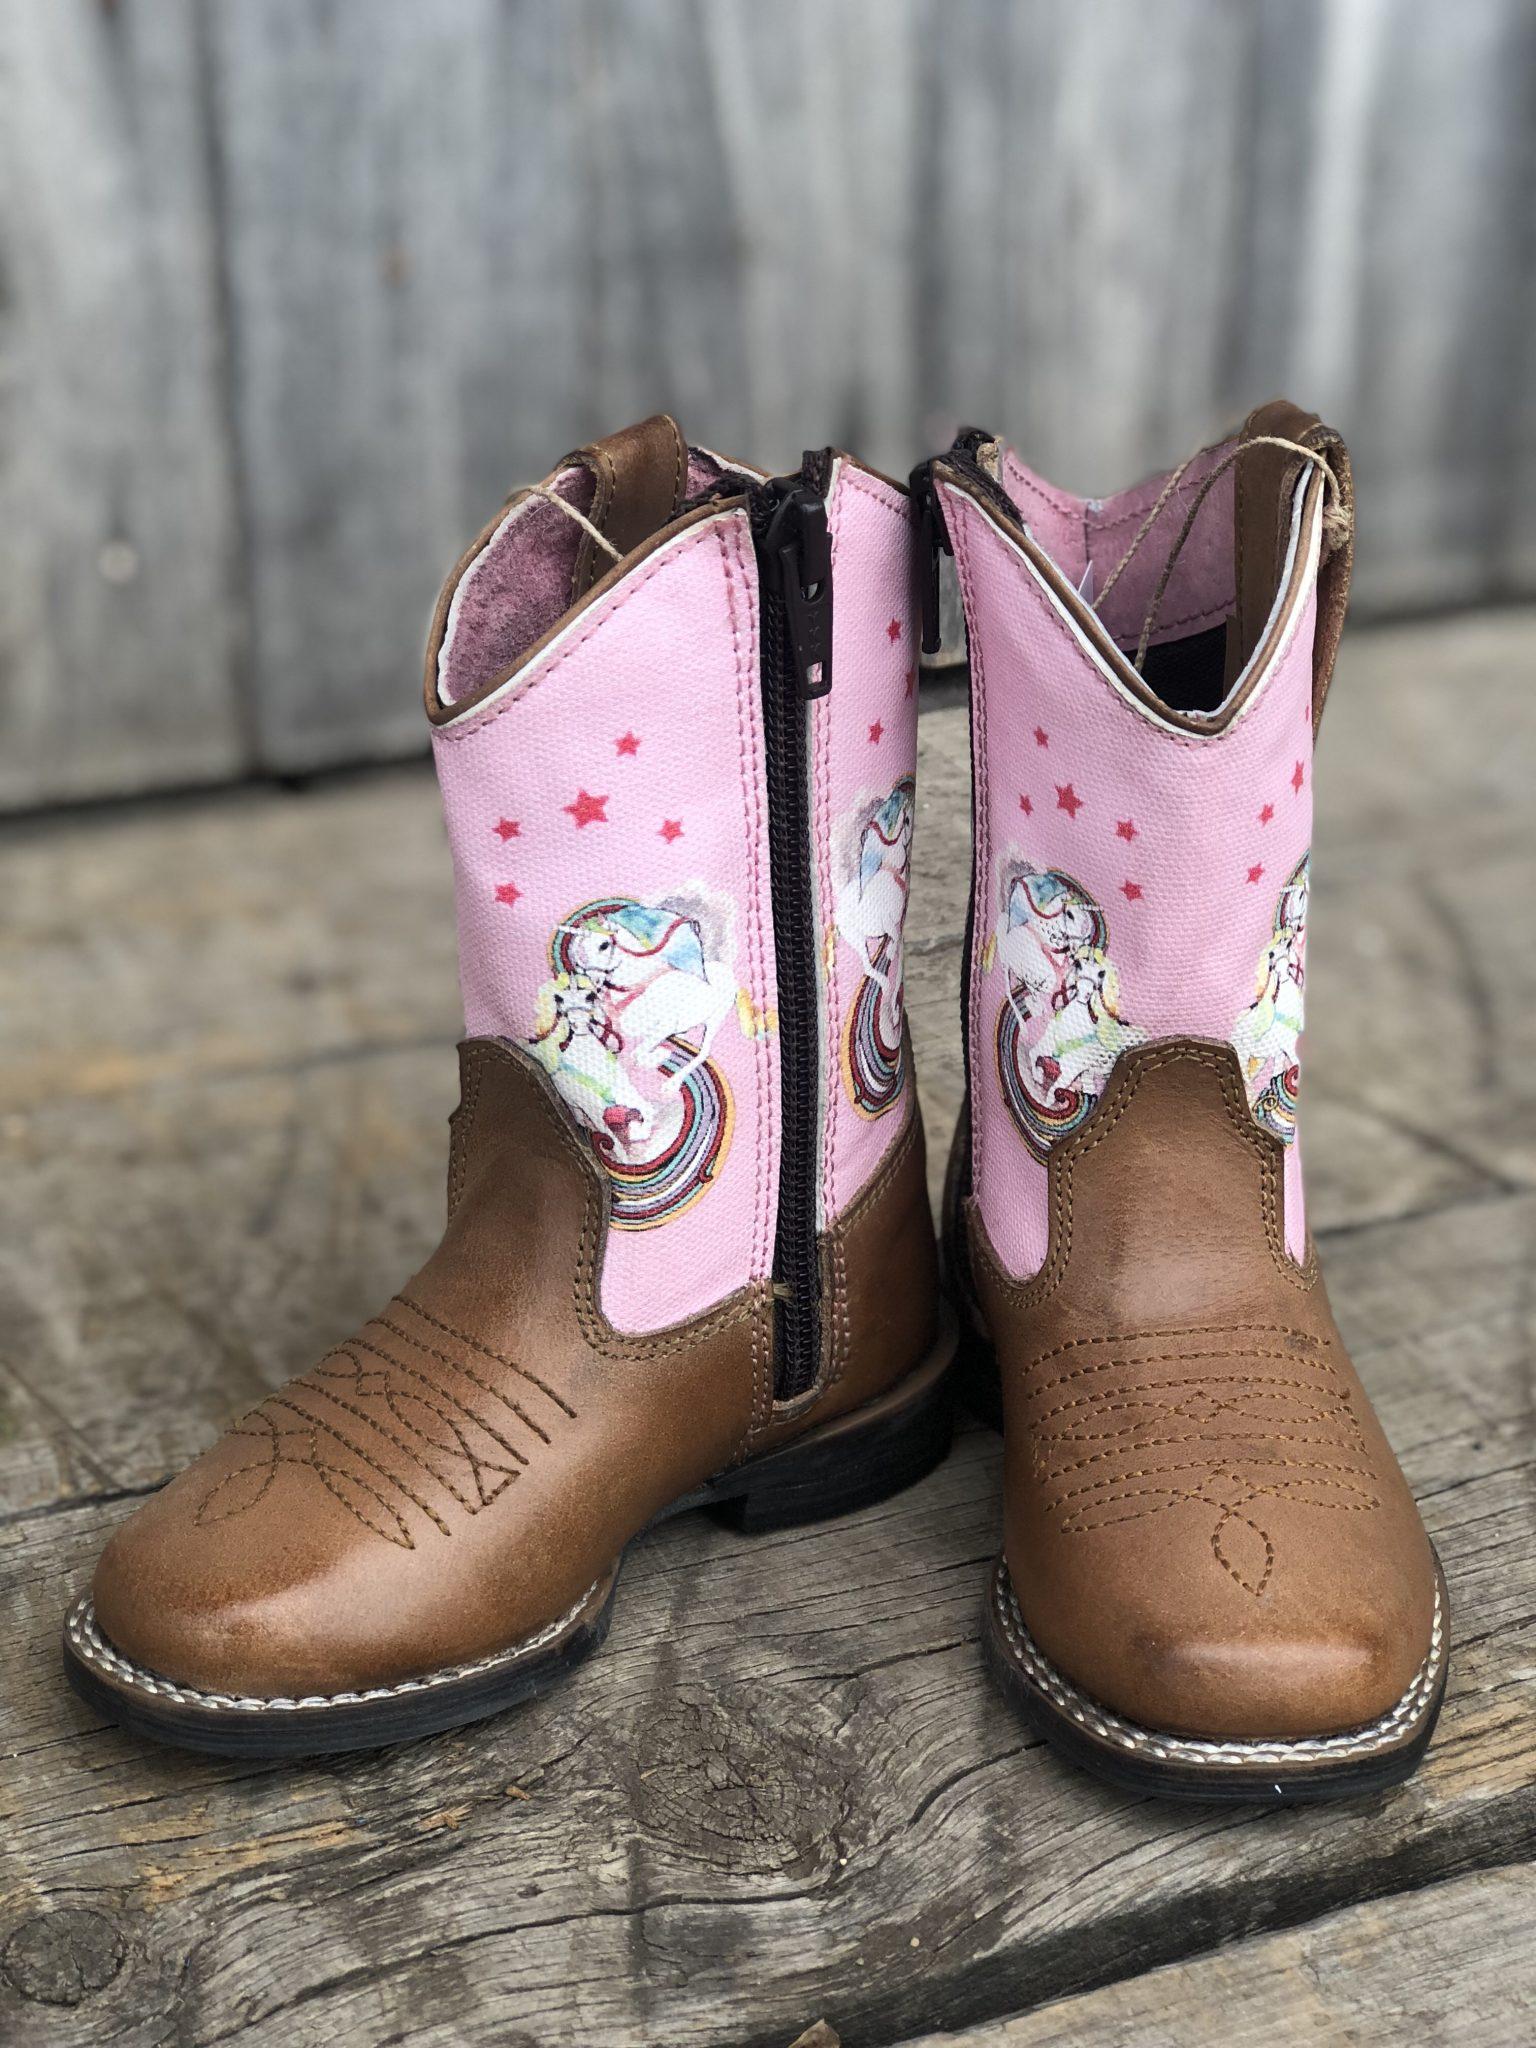 Roper Toddlers Adara Tan/Pink Boots